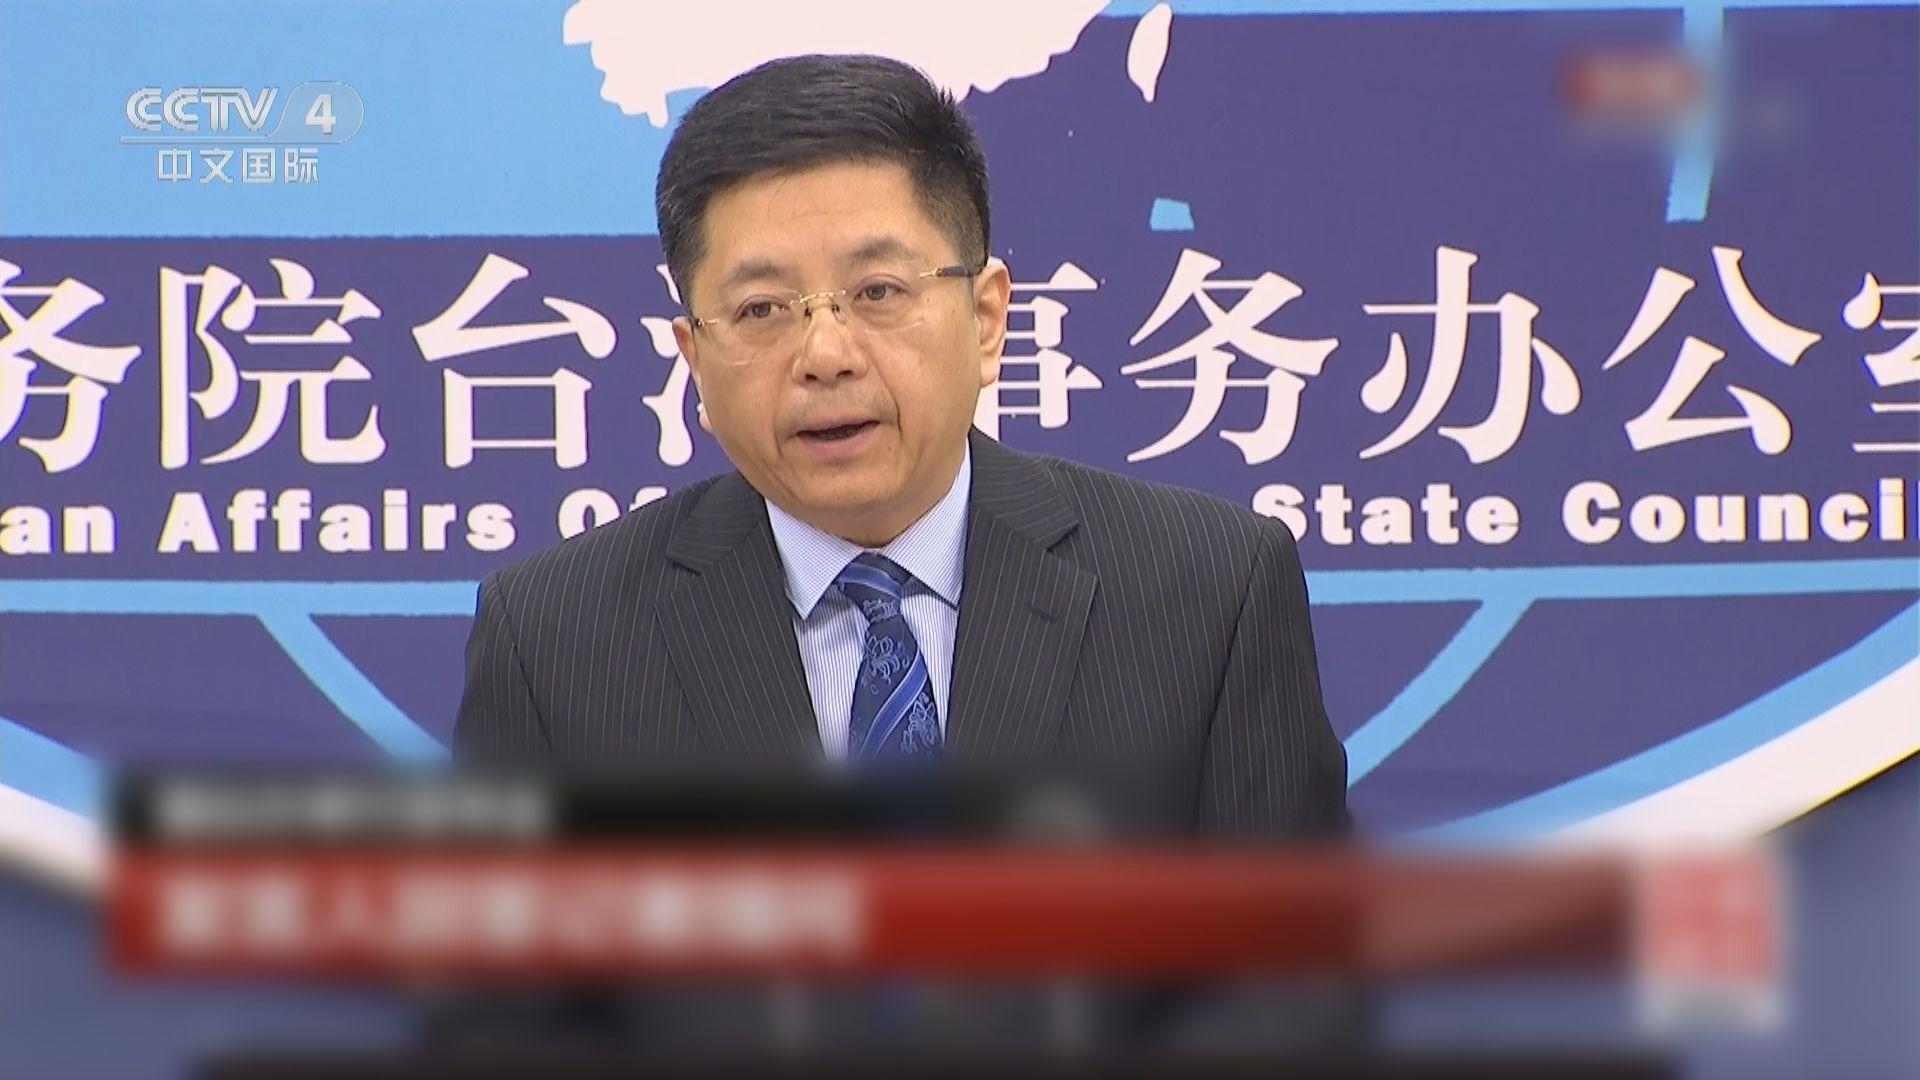 國台辦指蔡英文九二共識說法誤導台灣民眾